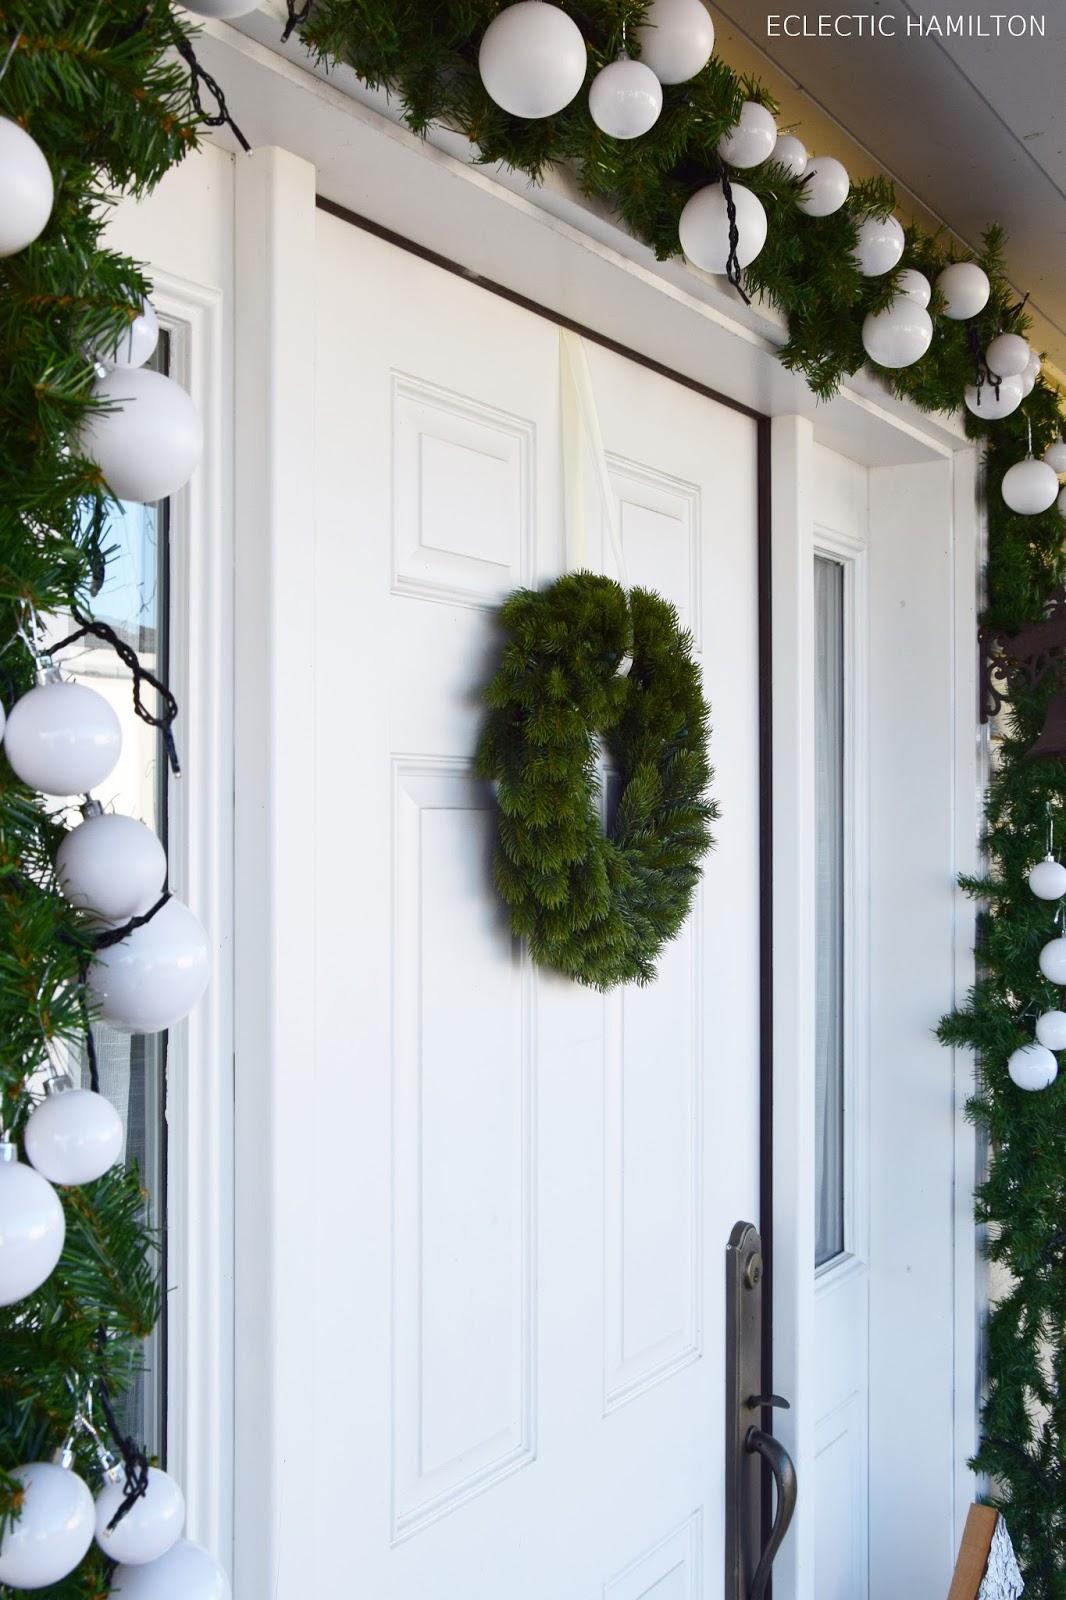 Haustür Deko haustürdeko weihnachten auf meiner veranda eclectic hamilton